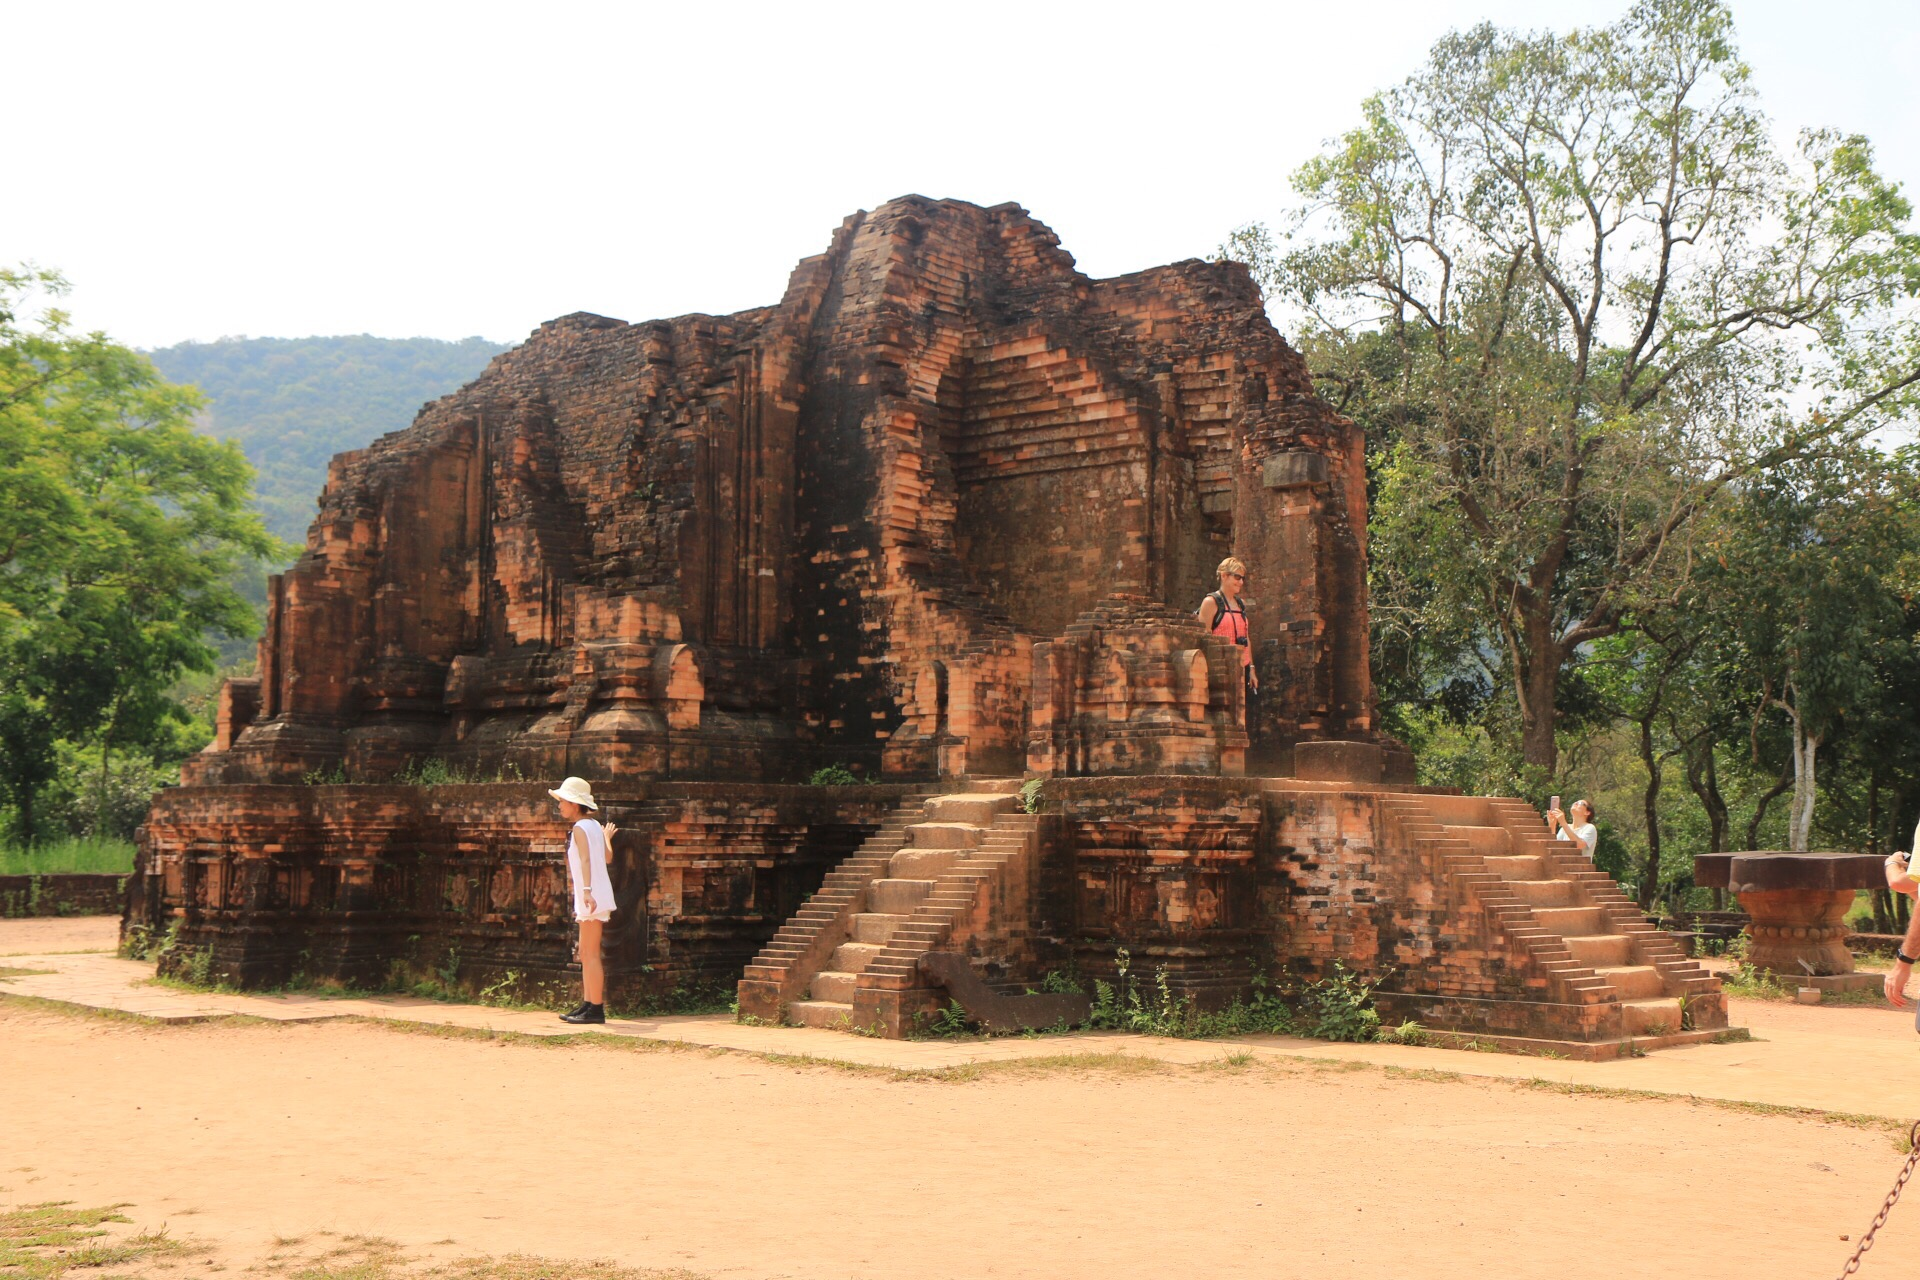 Erstmals besiedelt wurde das Gebiet des heutigen Vietnam von der Cham-Kultur bereits im 2. und 3. Jahrhundert.